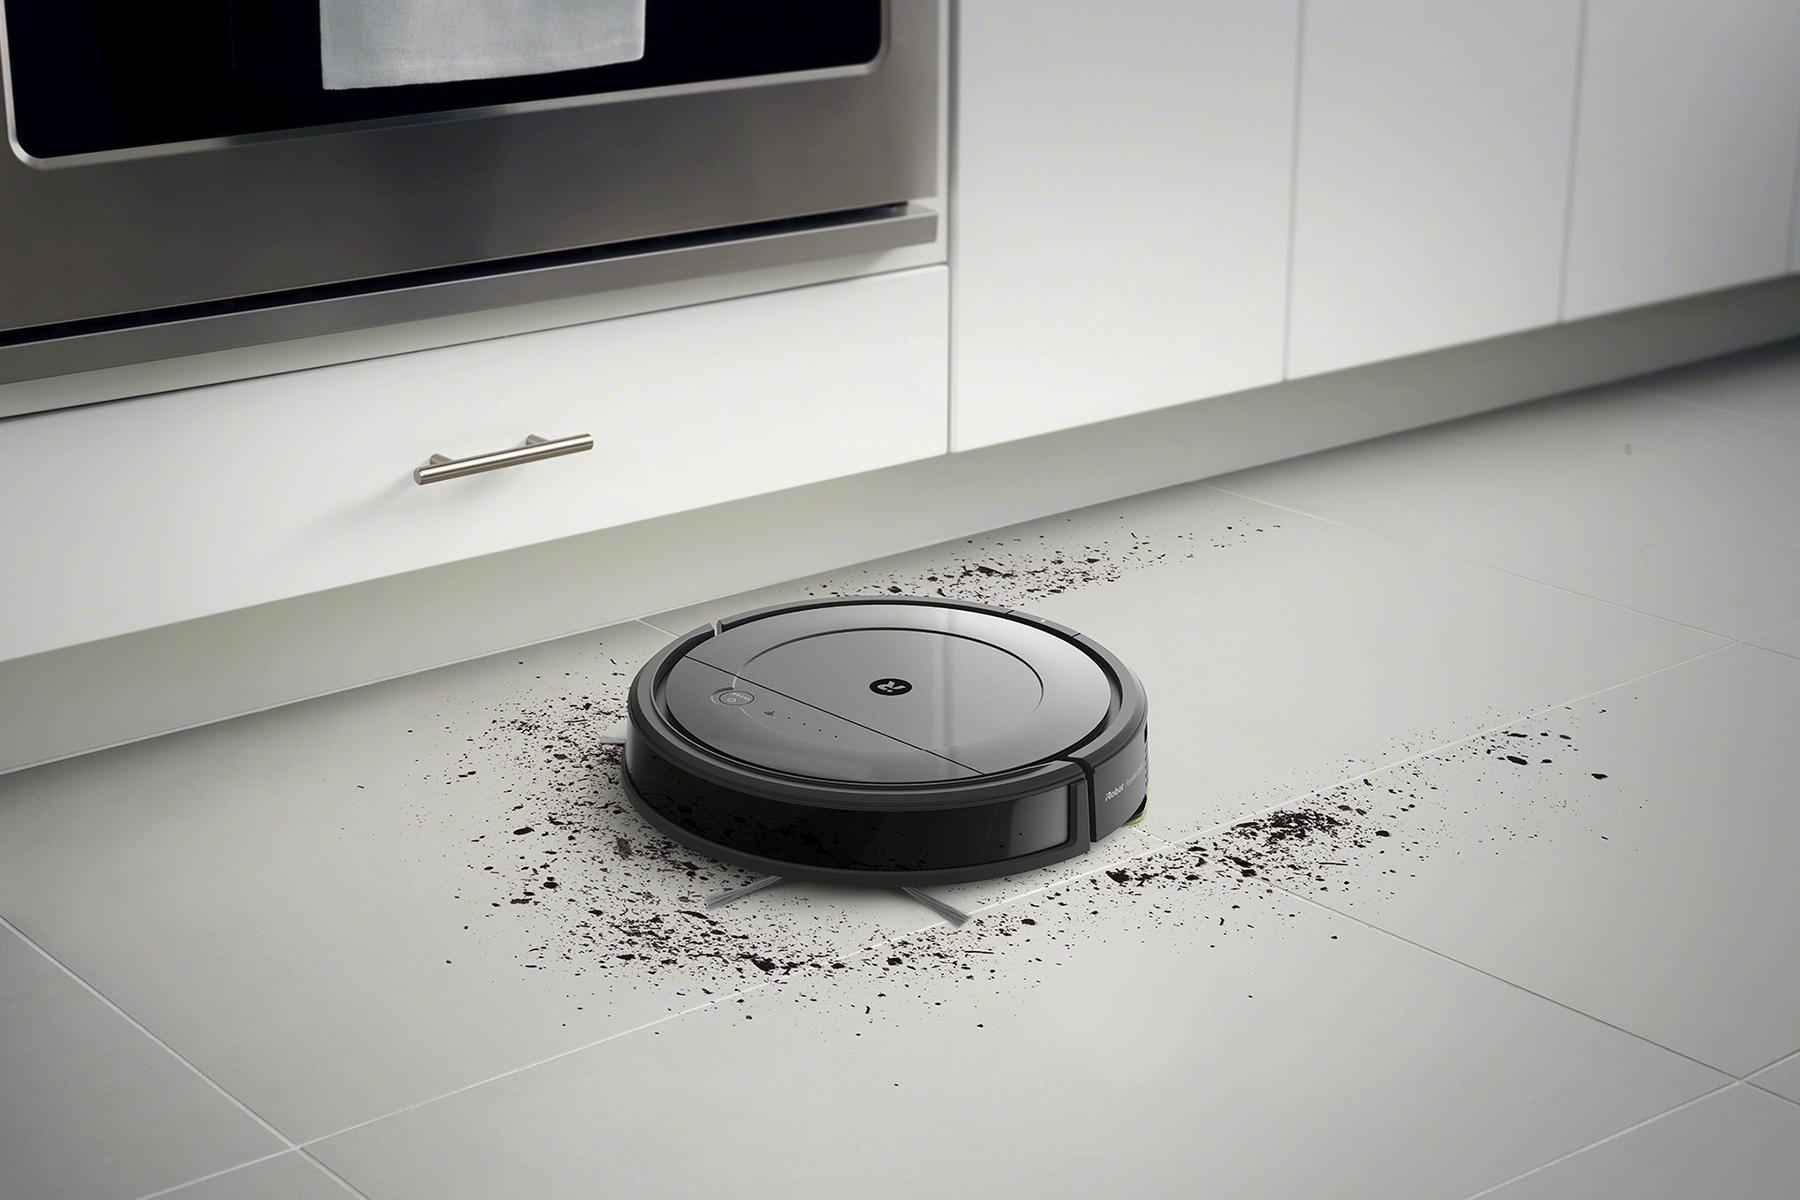 iRobot Roomba Combo Představení